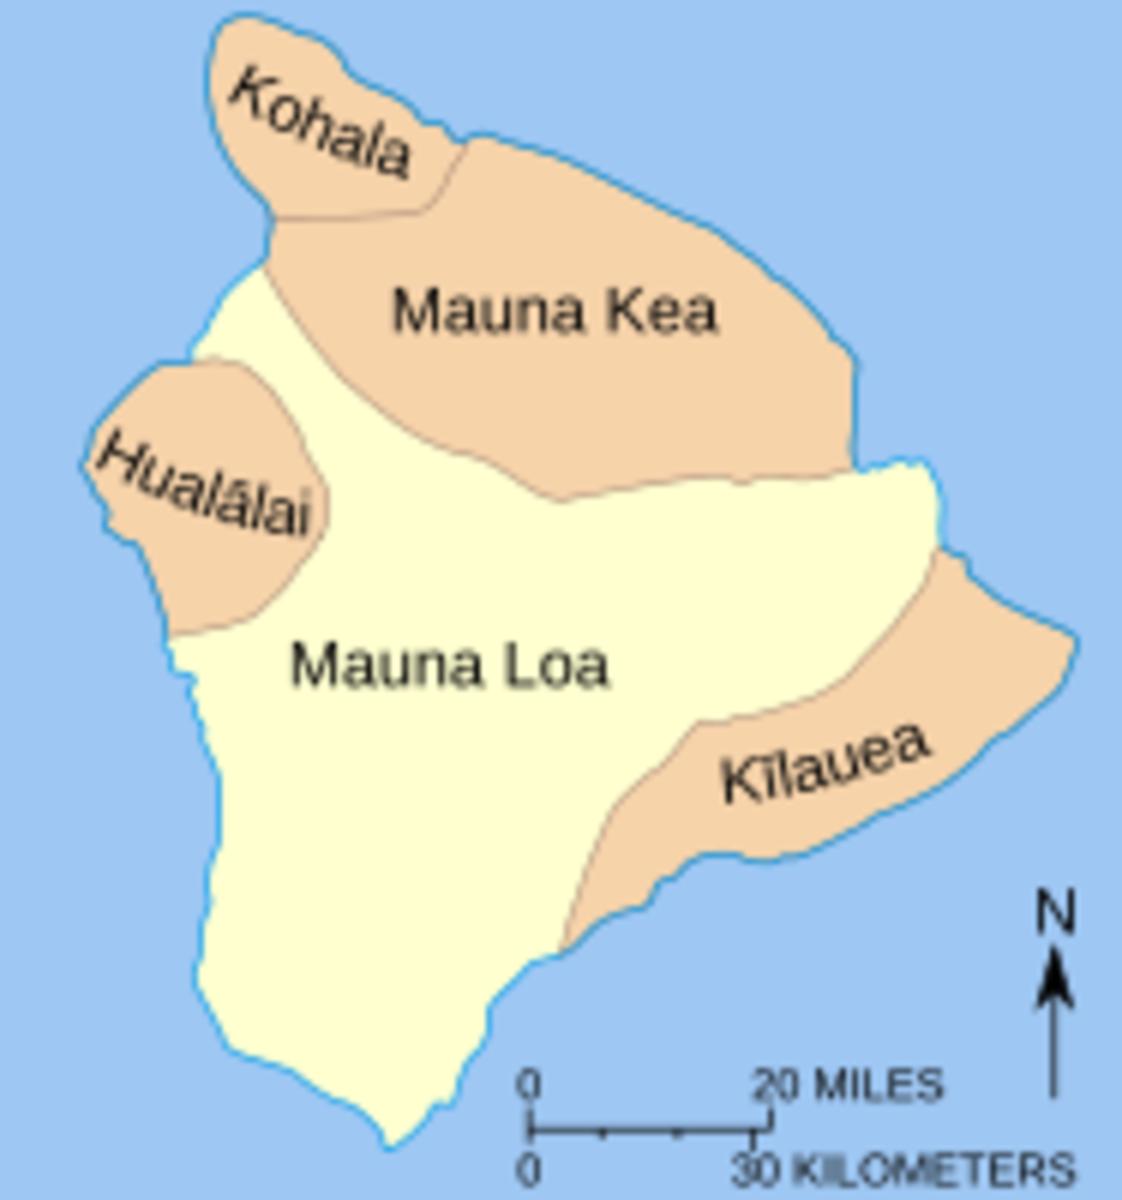 Map of 5 volcanoes comprising Big Island